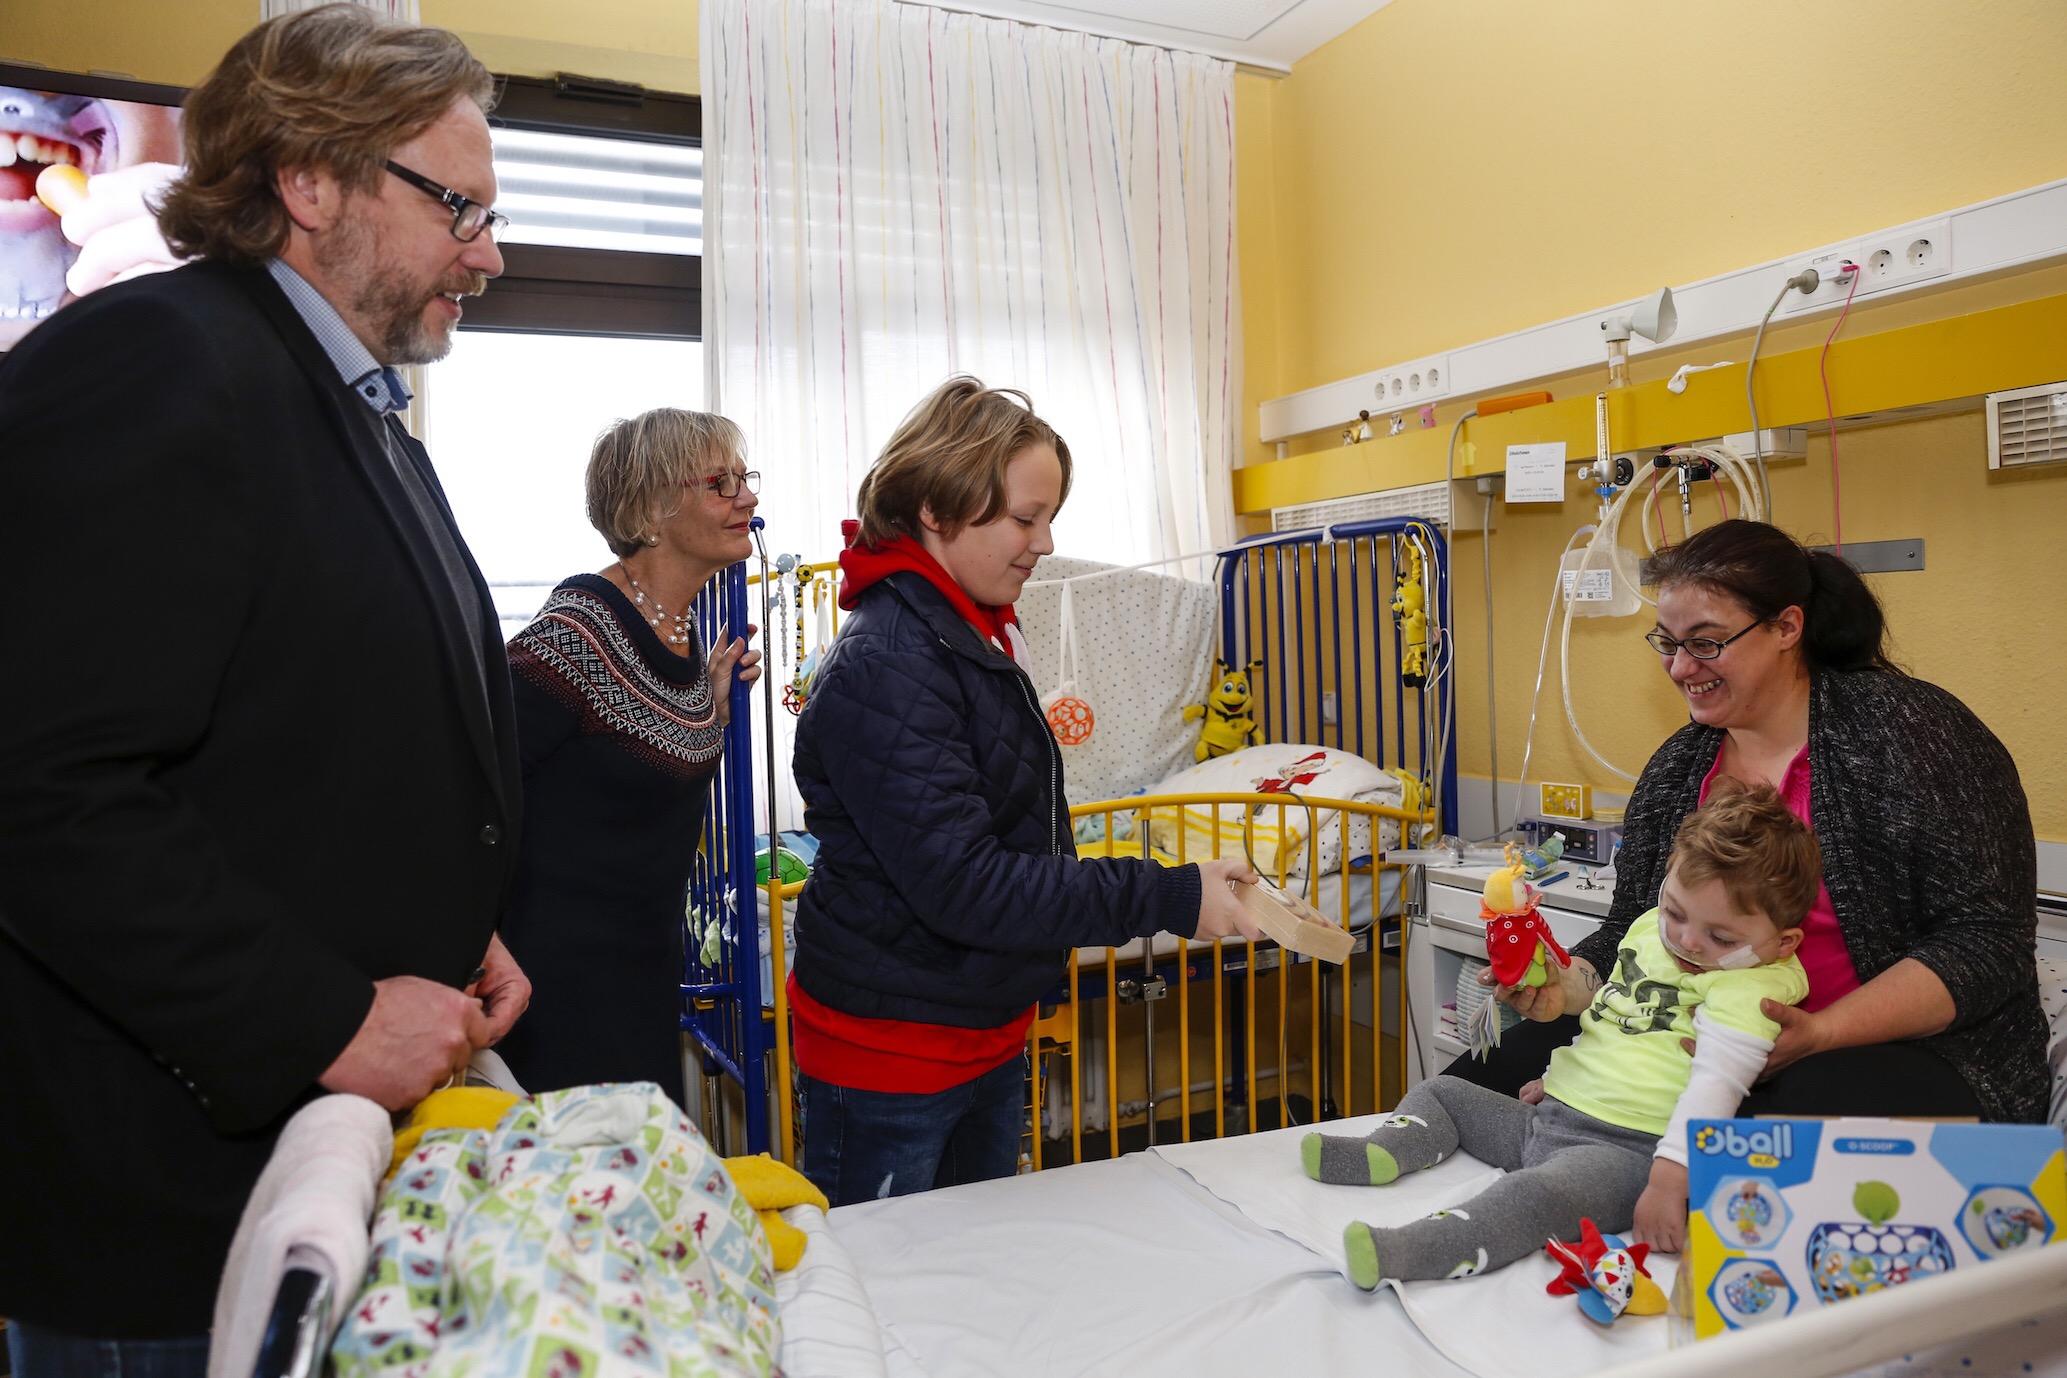 Der Verein Kinderlachen überraschte in der Dortmunder Kinderklinik kranke Jungen und Mädchen, die über Weihnachten stationär behandelt werden müssen.